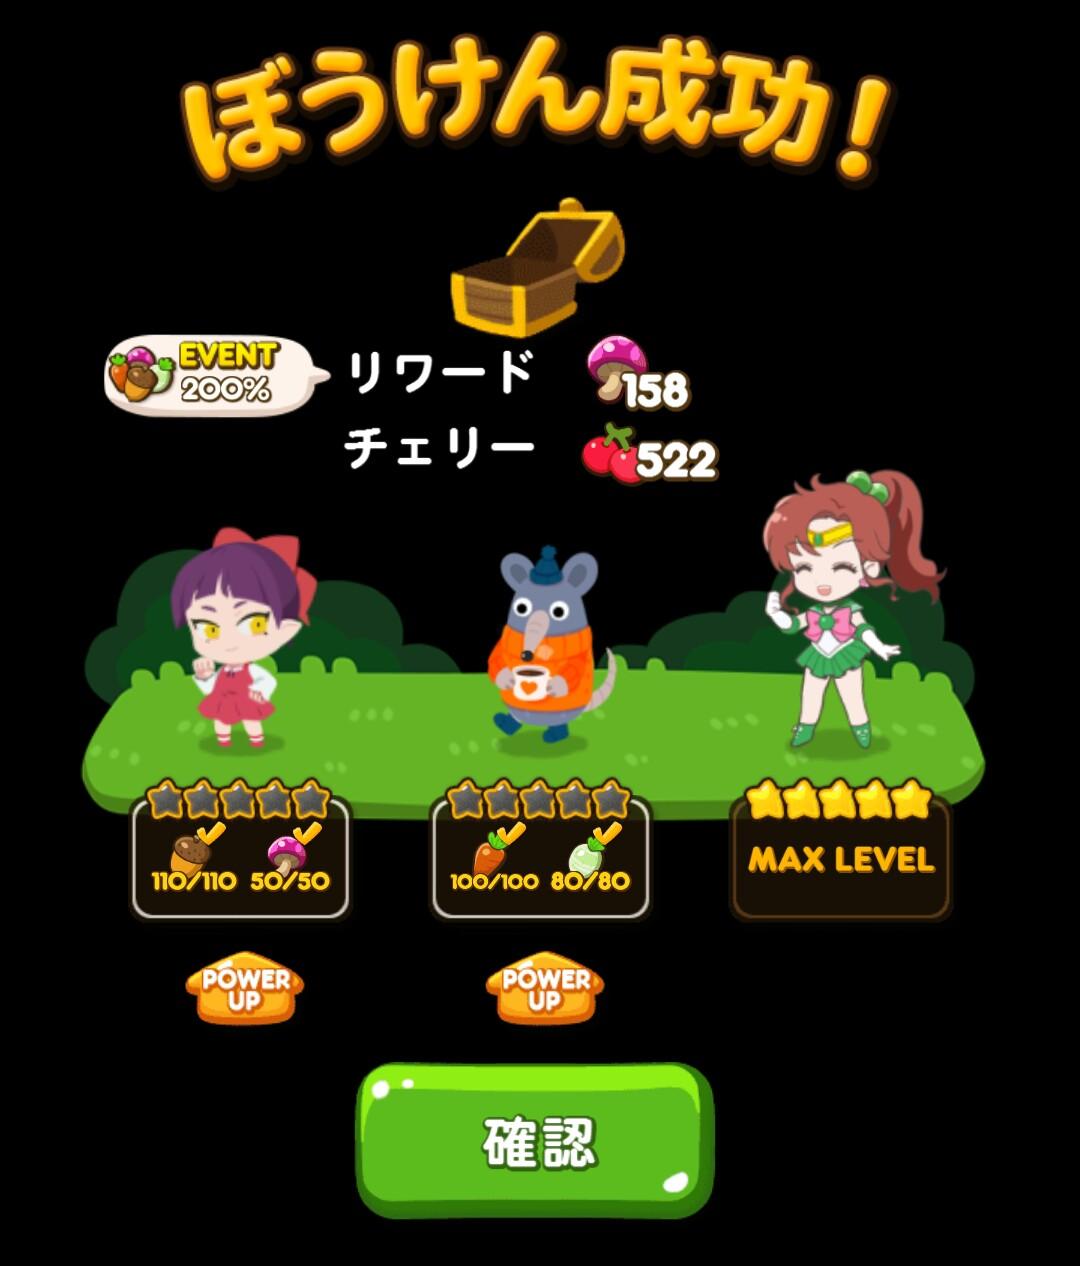 【ポコポコ】優秀なイベキャラ猫娘とぬりかべ使え!←それよりレインボー爆弾と矢印爆弾の組み合わせなんとかしろよwwww